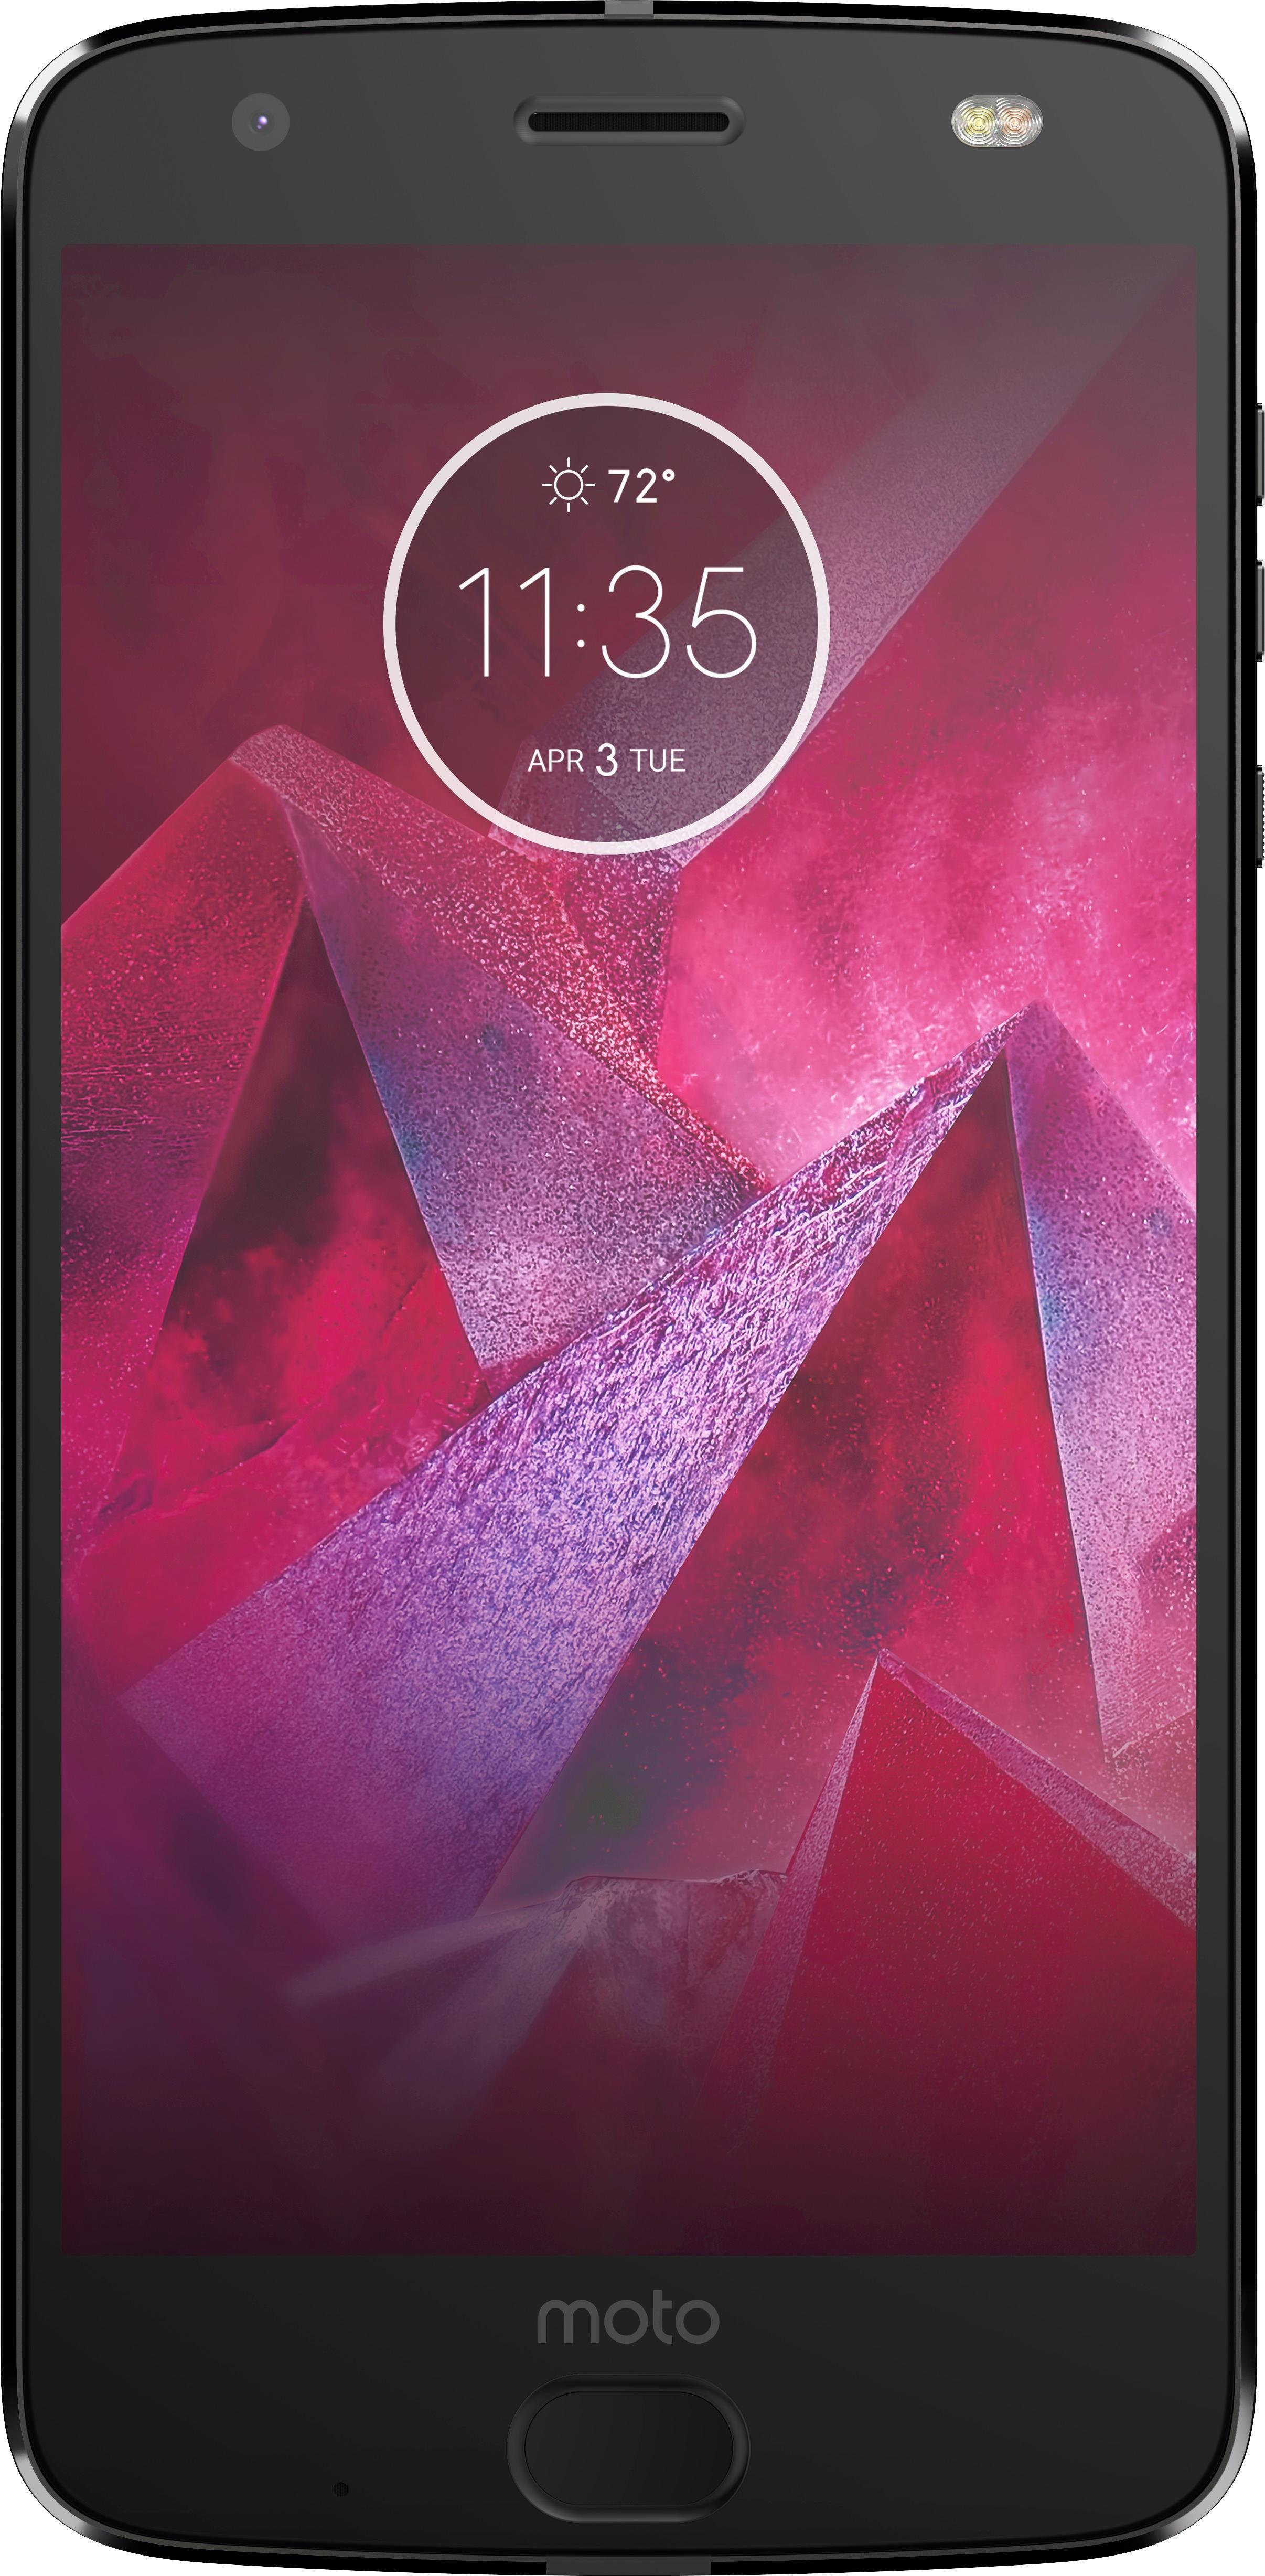 Motorola MOT1789BKKIT largeFrontImage